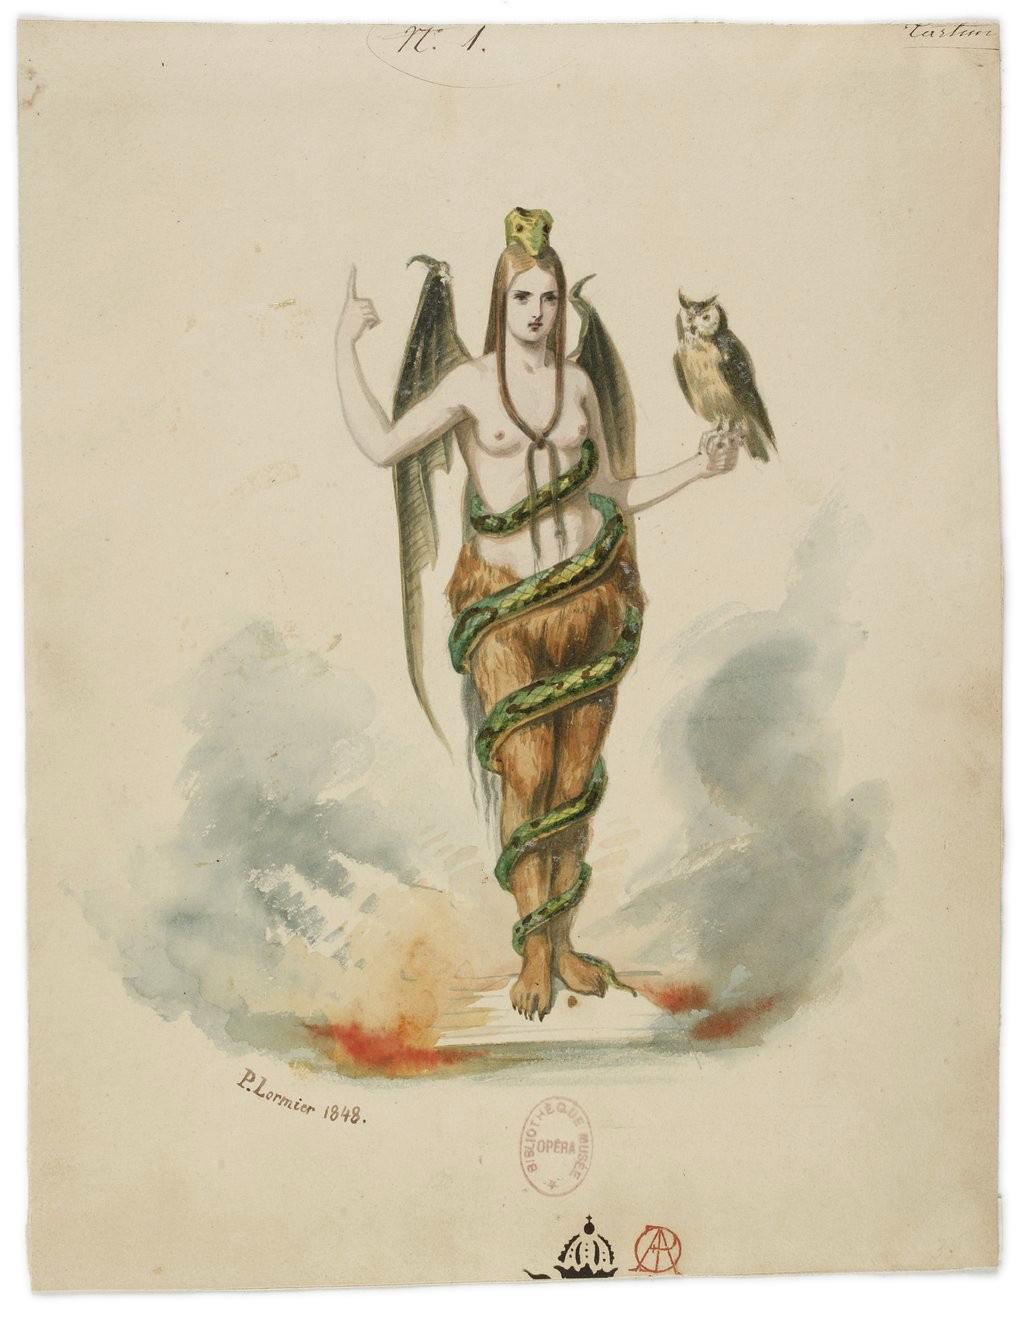 Paul Lormier - costume desig for Le violon du diable (1848)